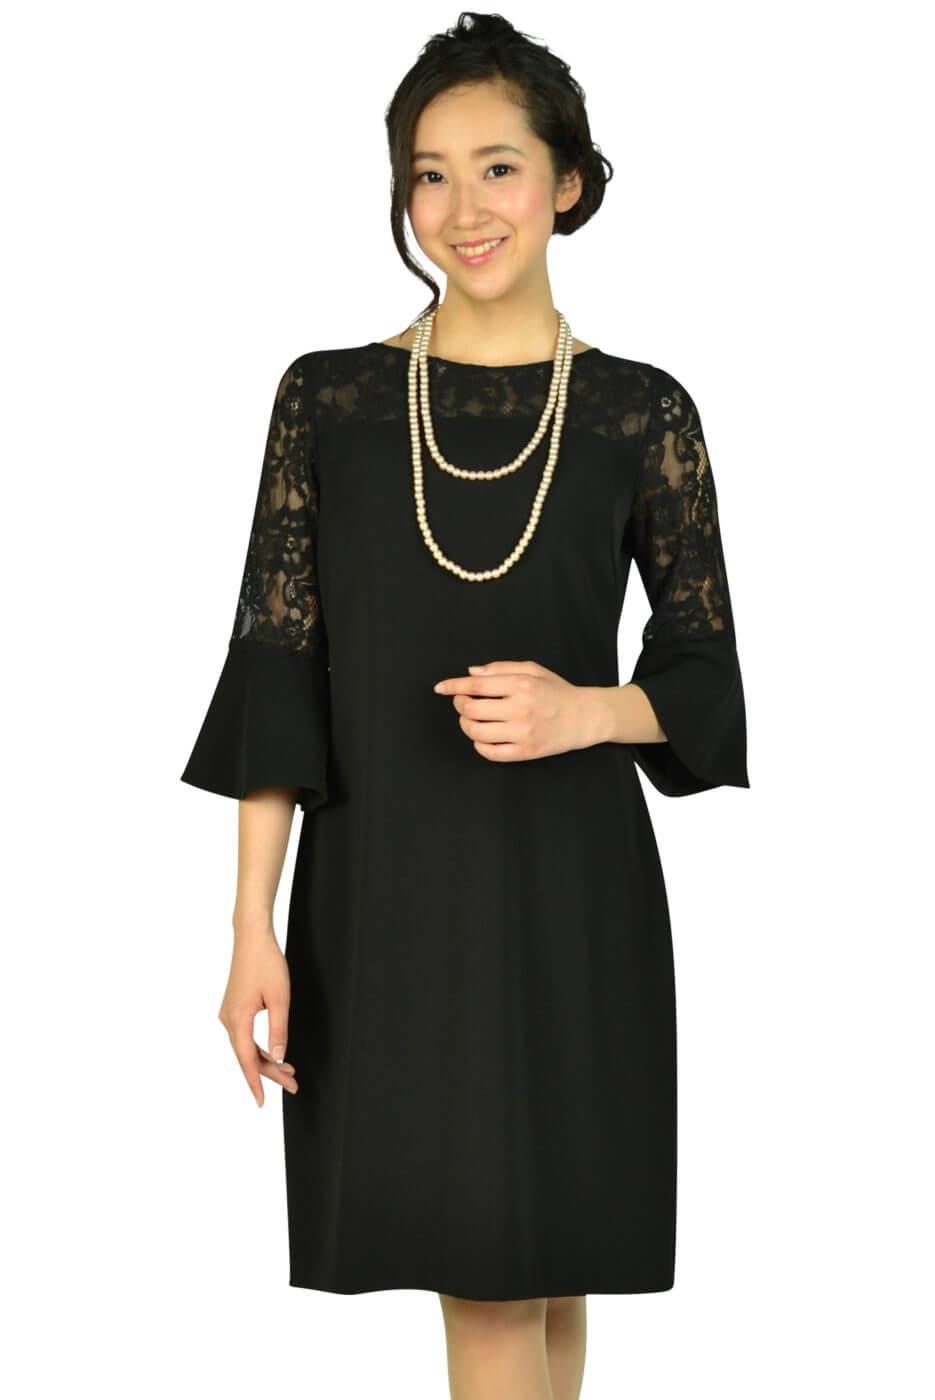 エルモソ リュクス (Hermoso luxe)異素材ベル袖ブラックドレス